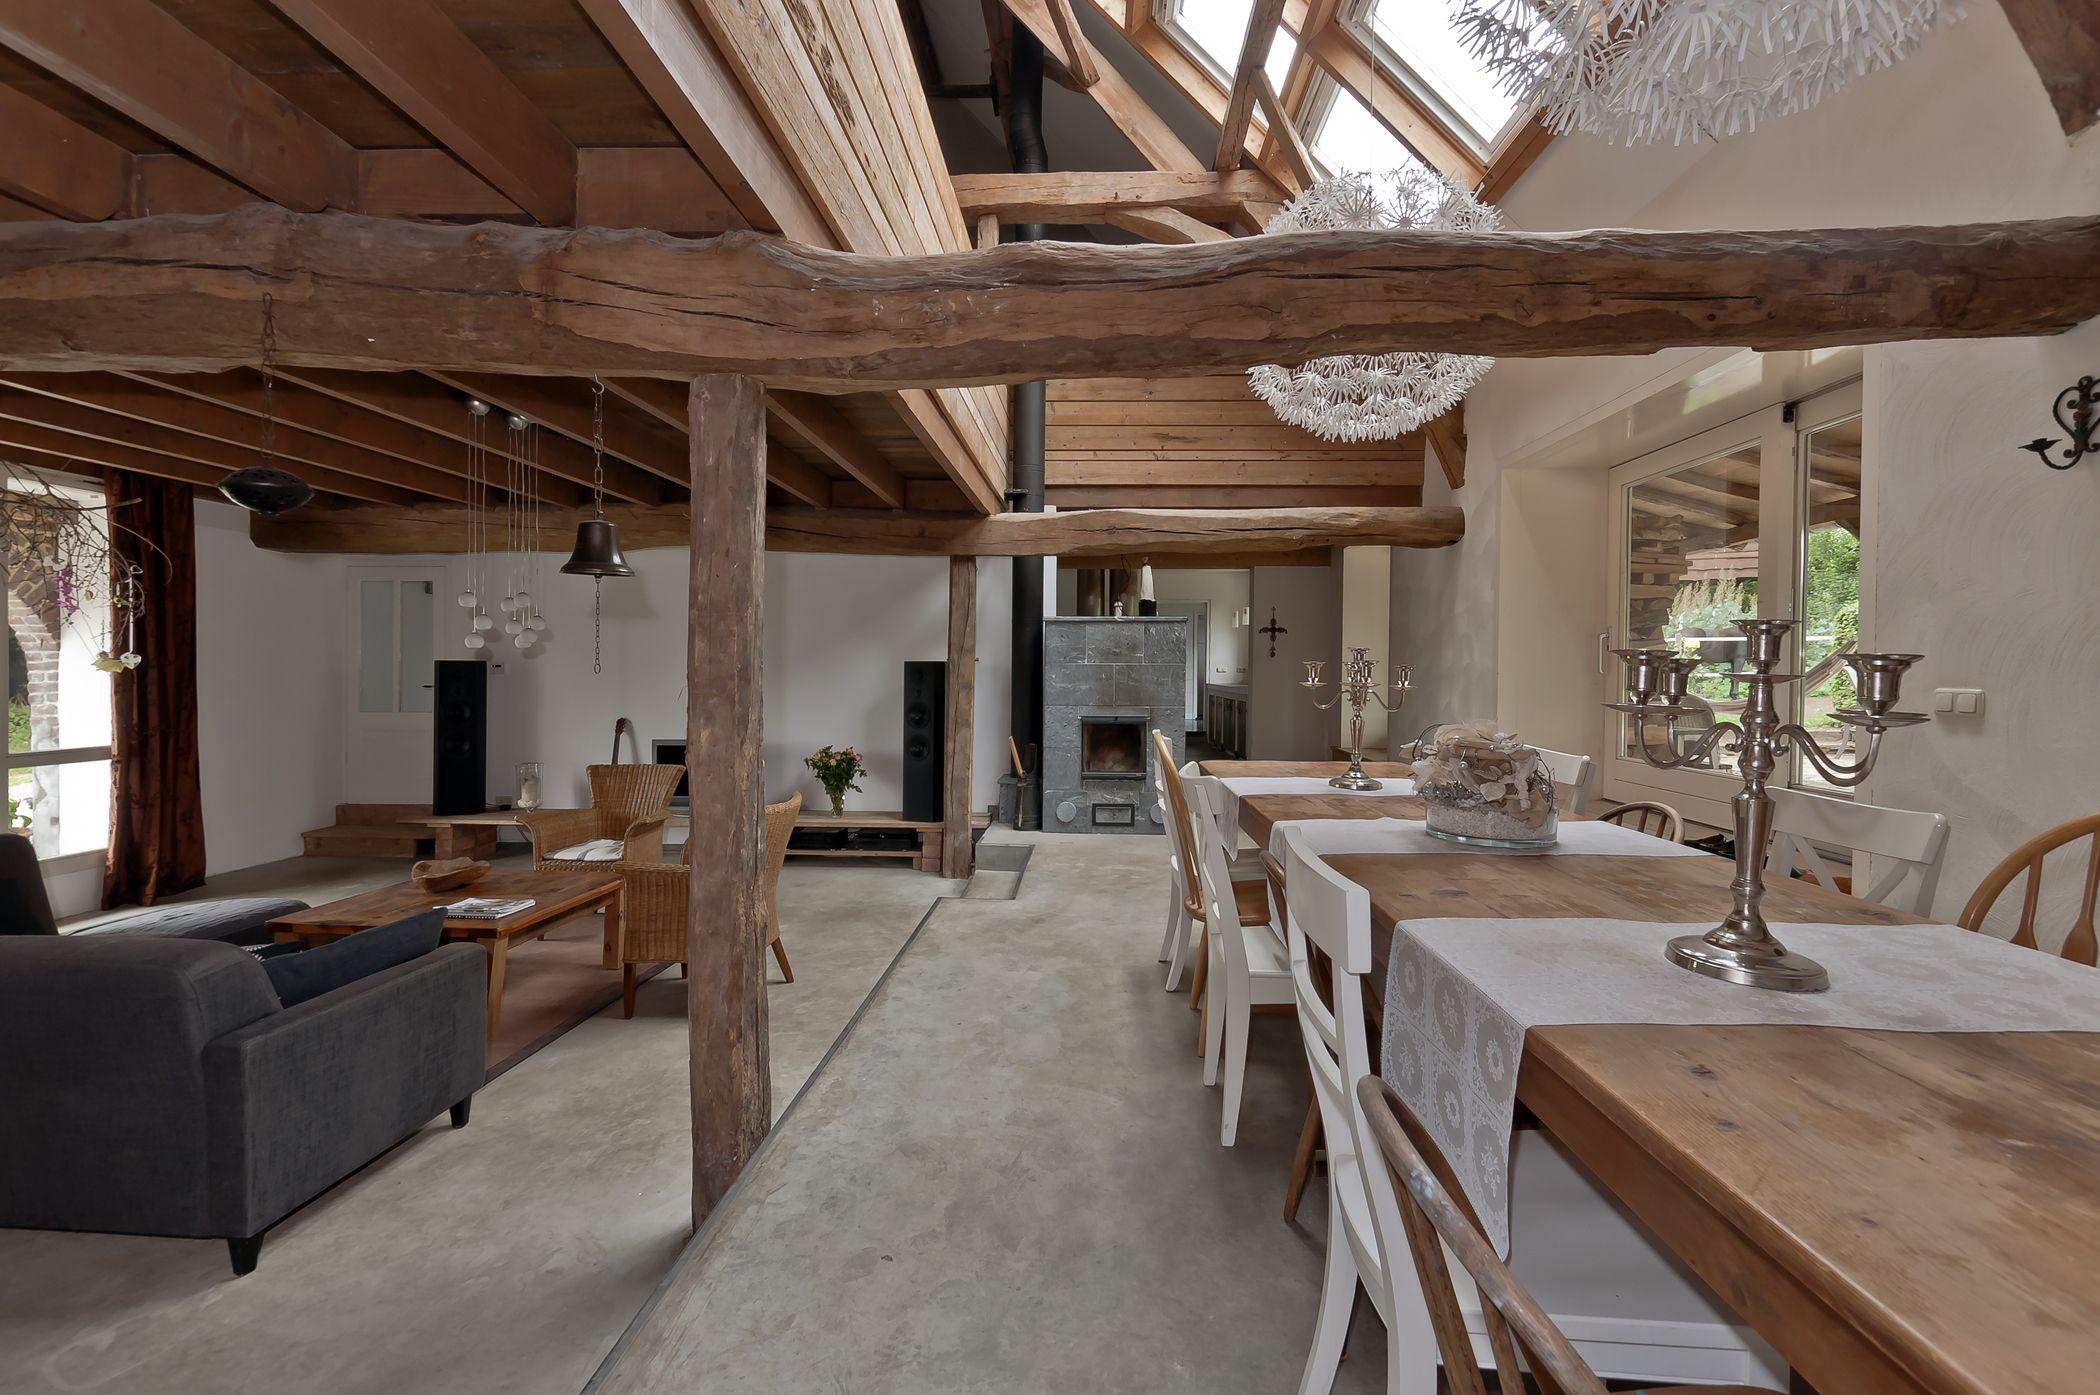 Kijkje vanuit de eethoek tafel van naar de keuken for Meerlo interieur